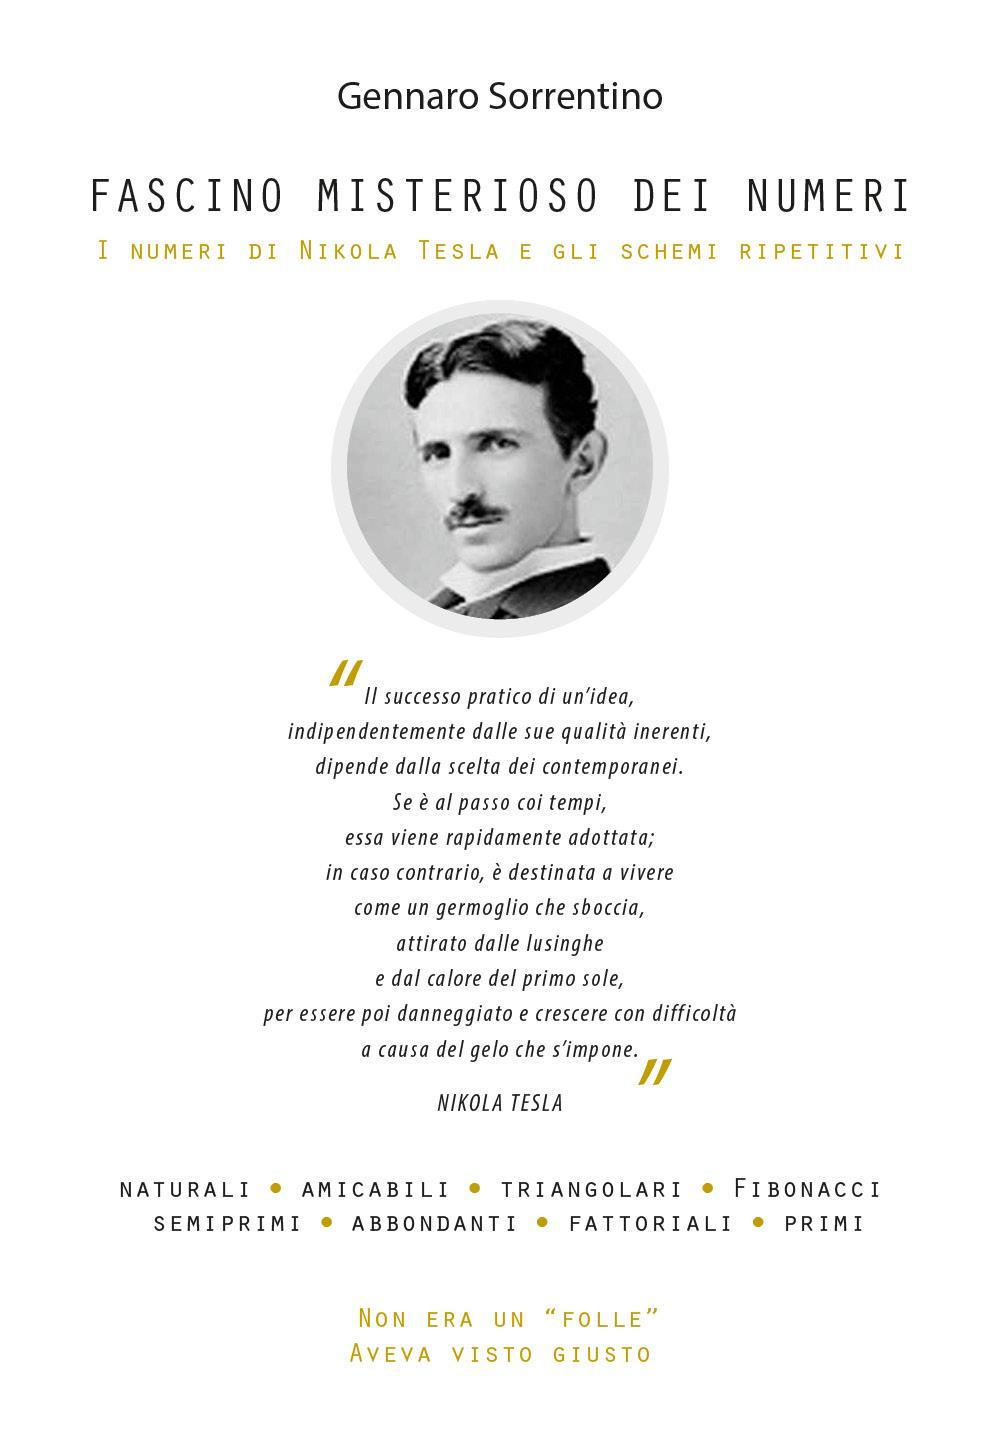 Fascino misterioso dei numeri. I numeri di Nikola Tesla e gli schemi ripetitivi